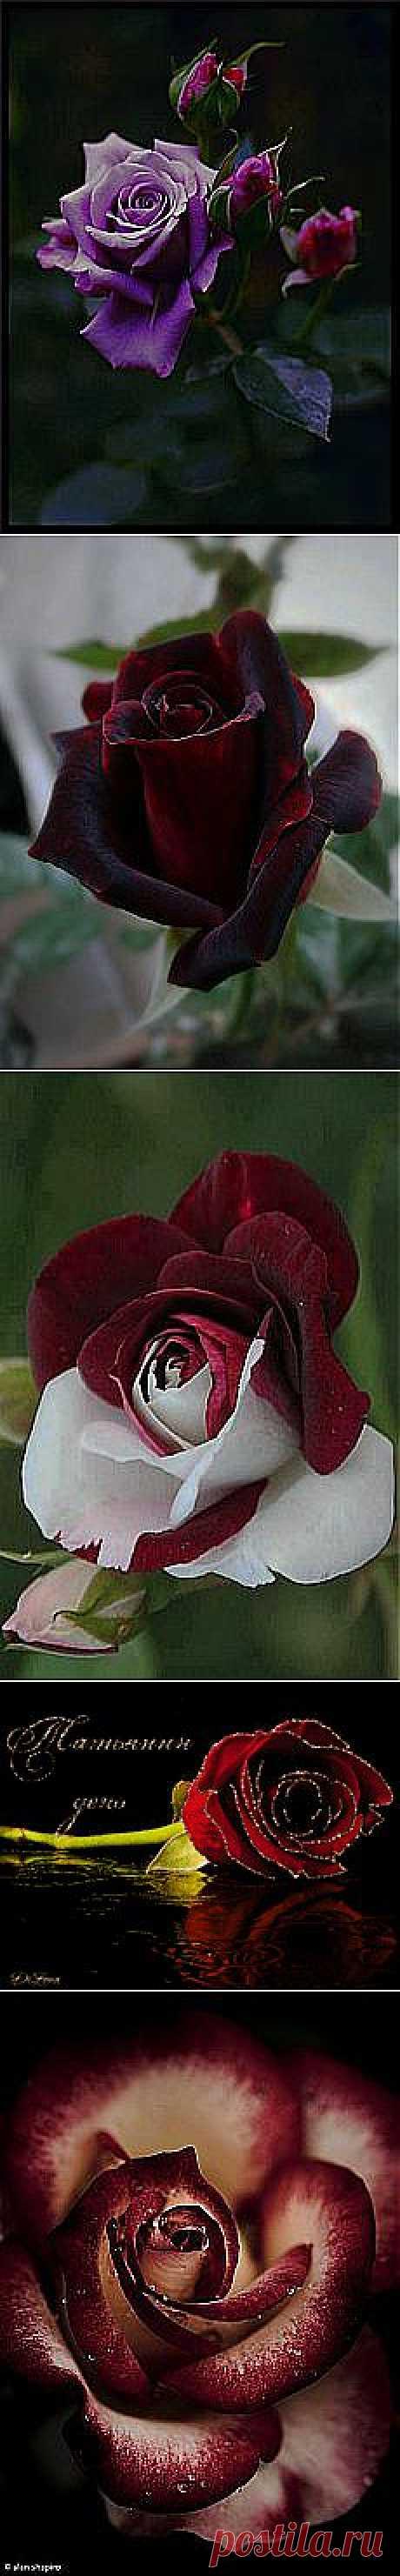 Курякова Наталья: розы   Постила